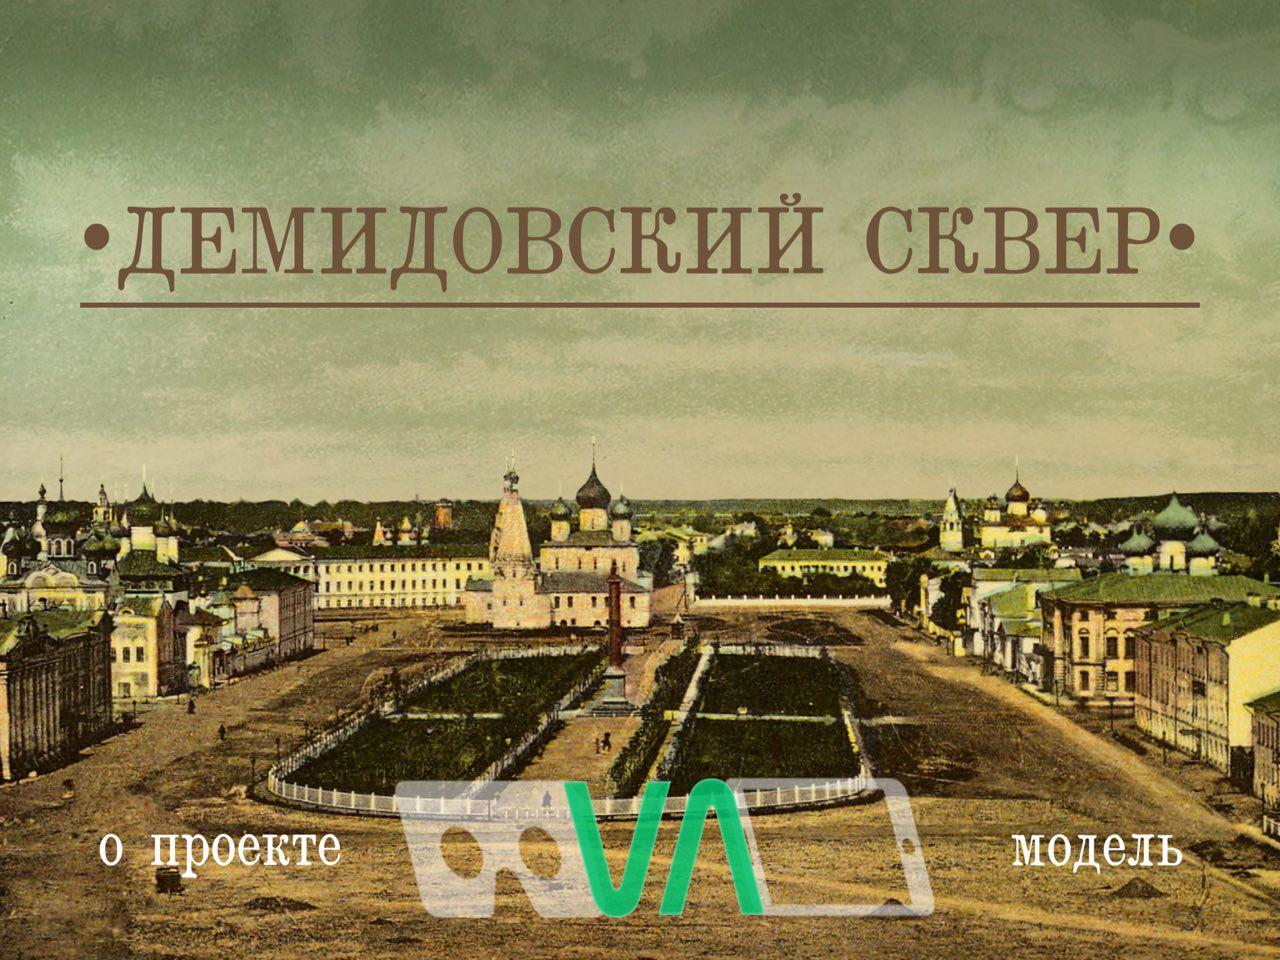 Казино вулкан Гаврилов-Ям загрузить Казино вулкан на телефон Расноборск поставить приложение